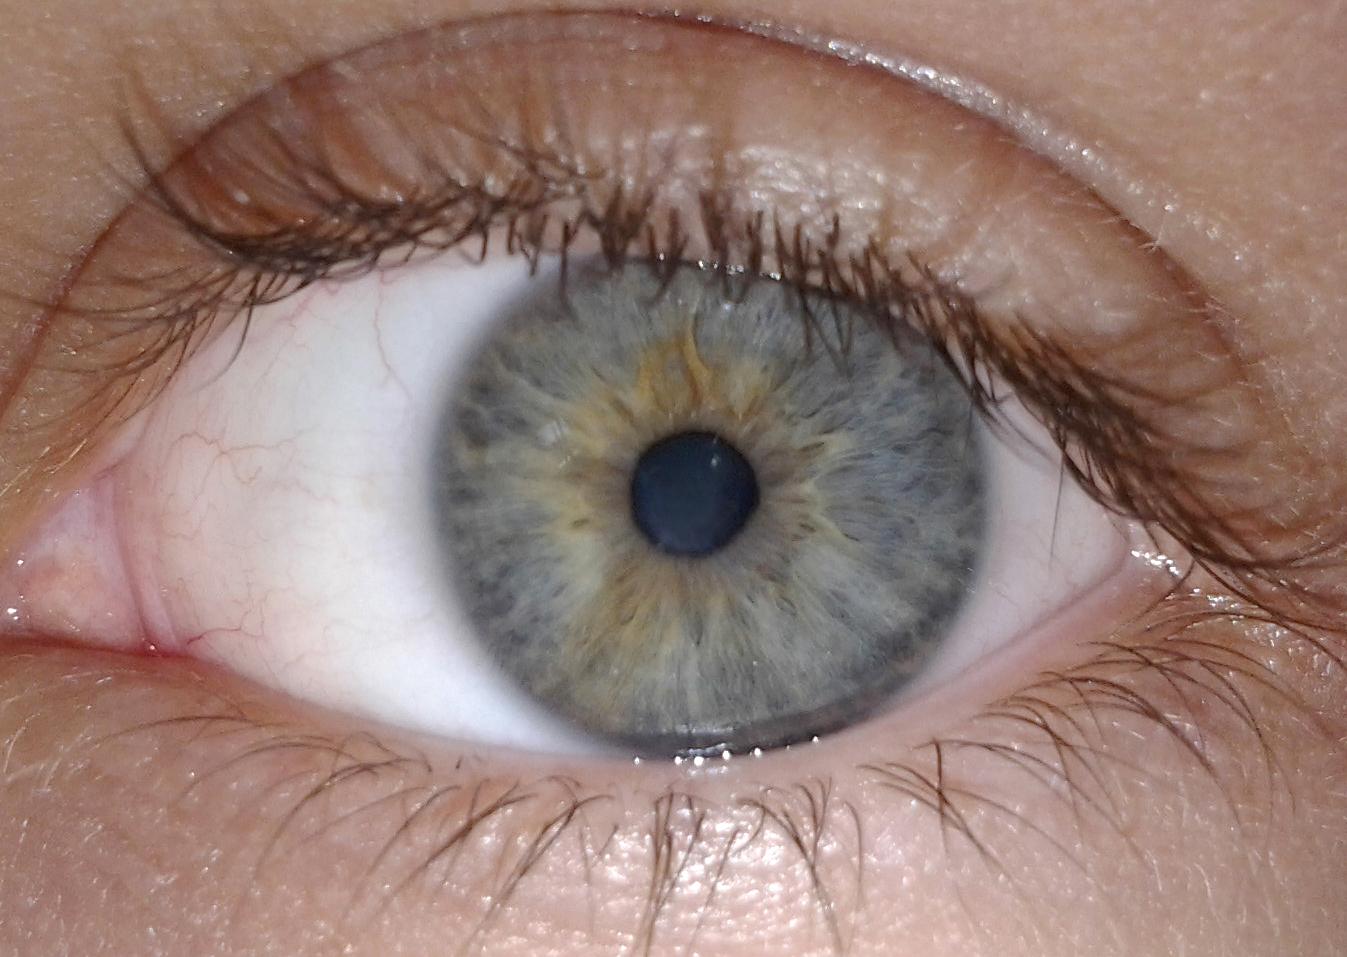 Качественное лечение катаракты в кельнской клинике «Ам Ноймаркт»